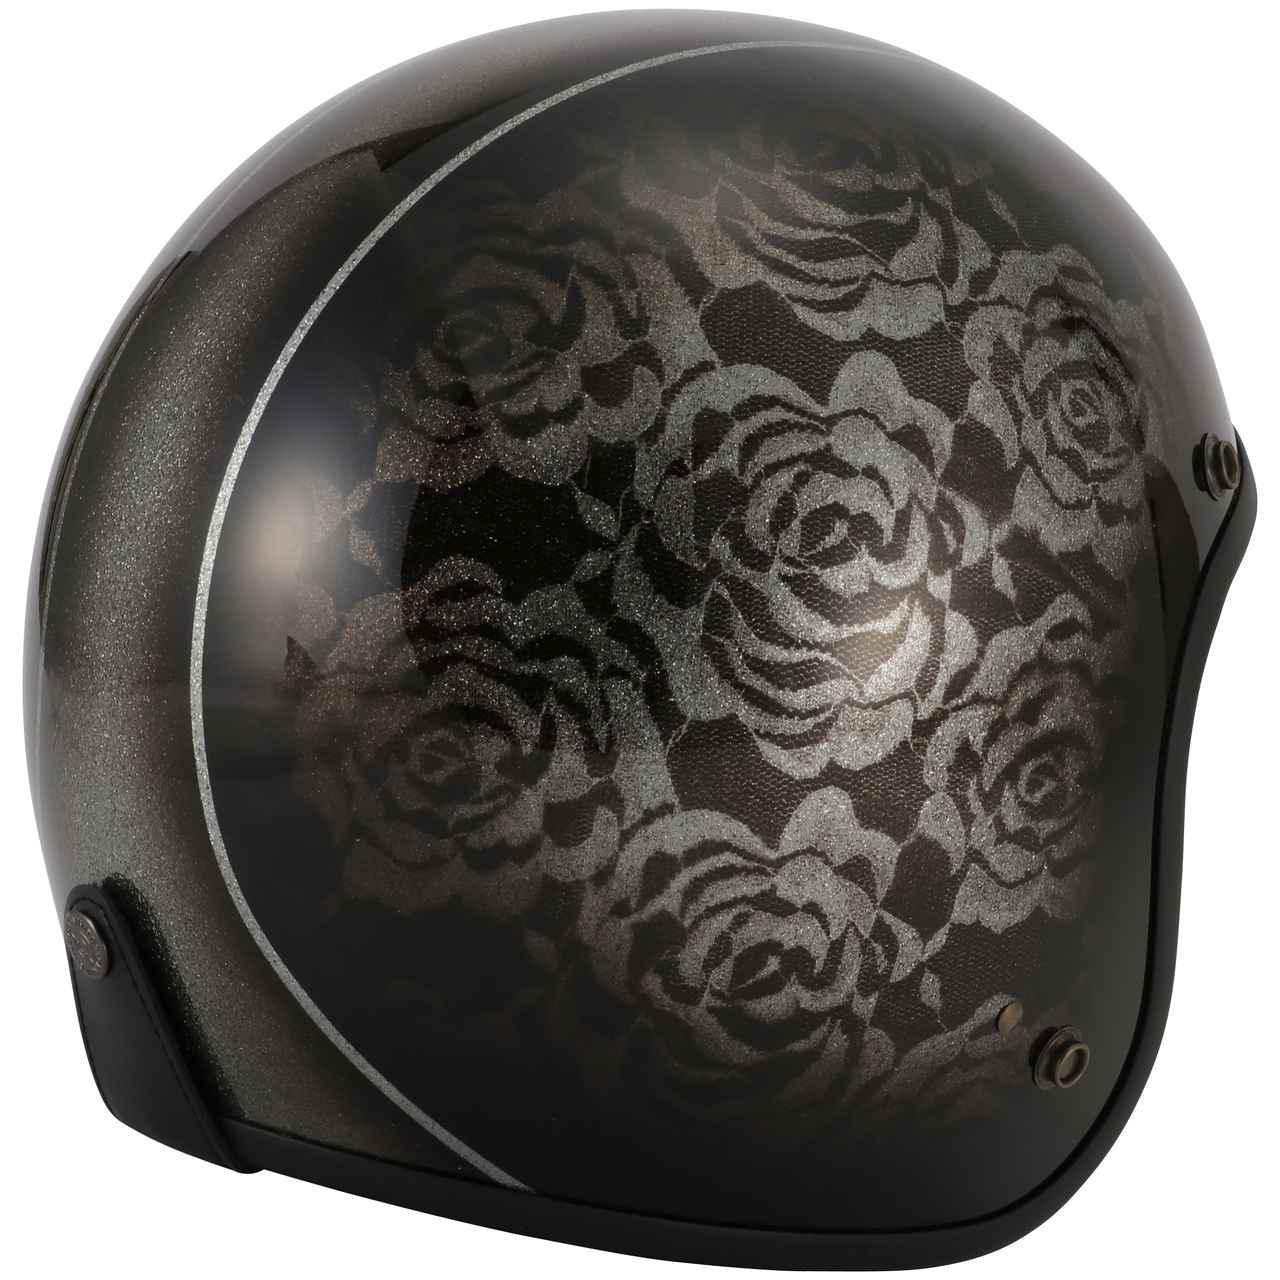 画像4: キャンディペイントで仕上げた大人のグラフィック! RIDEZが「二キトーヘルメット」の限定モデルを4月1日に発売